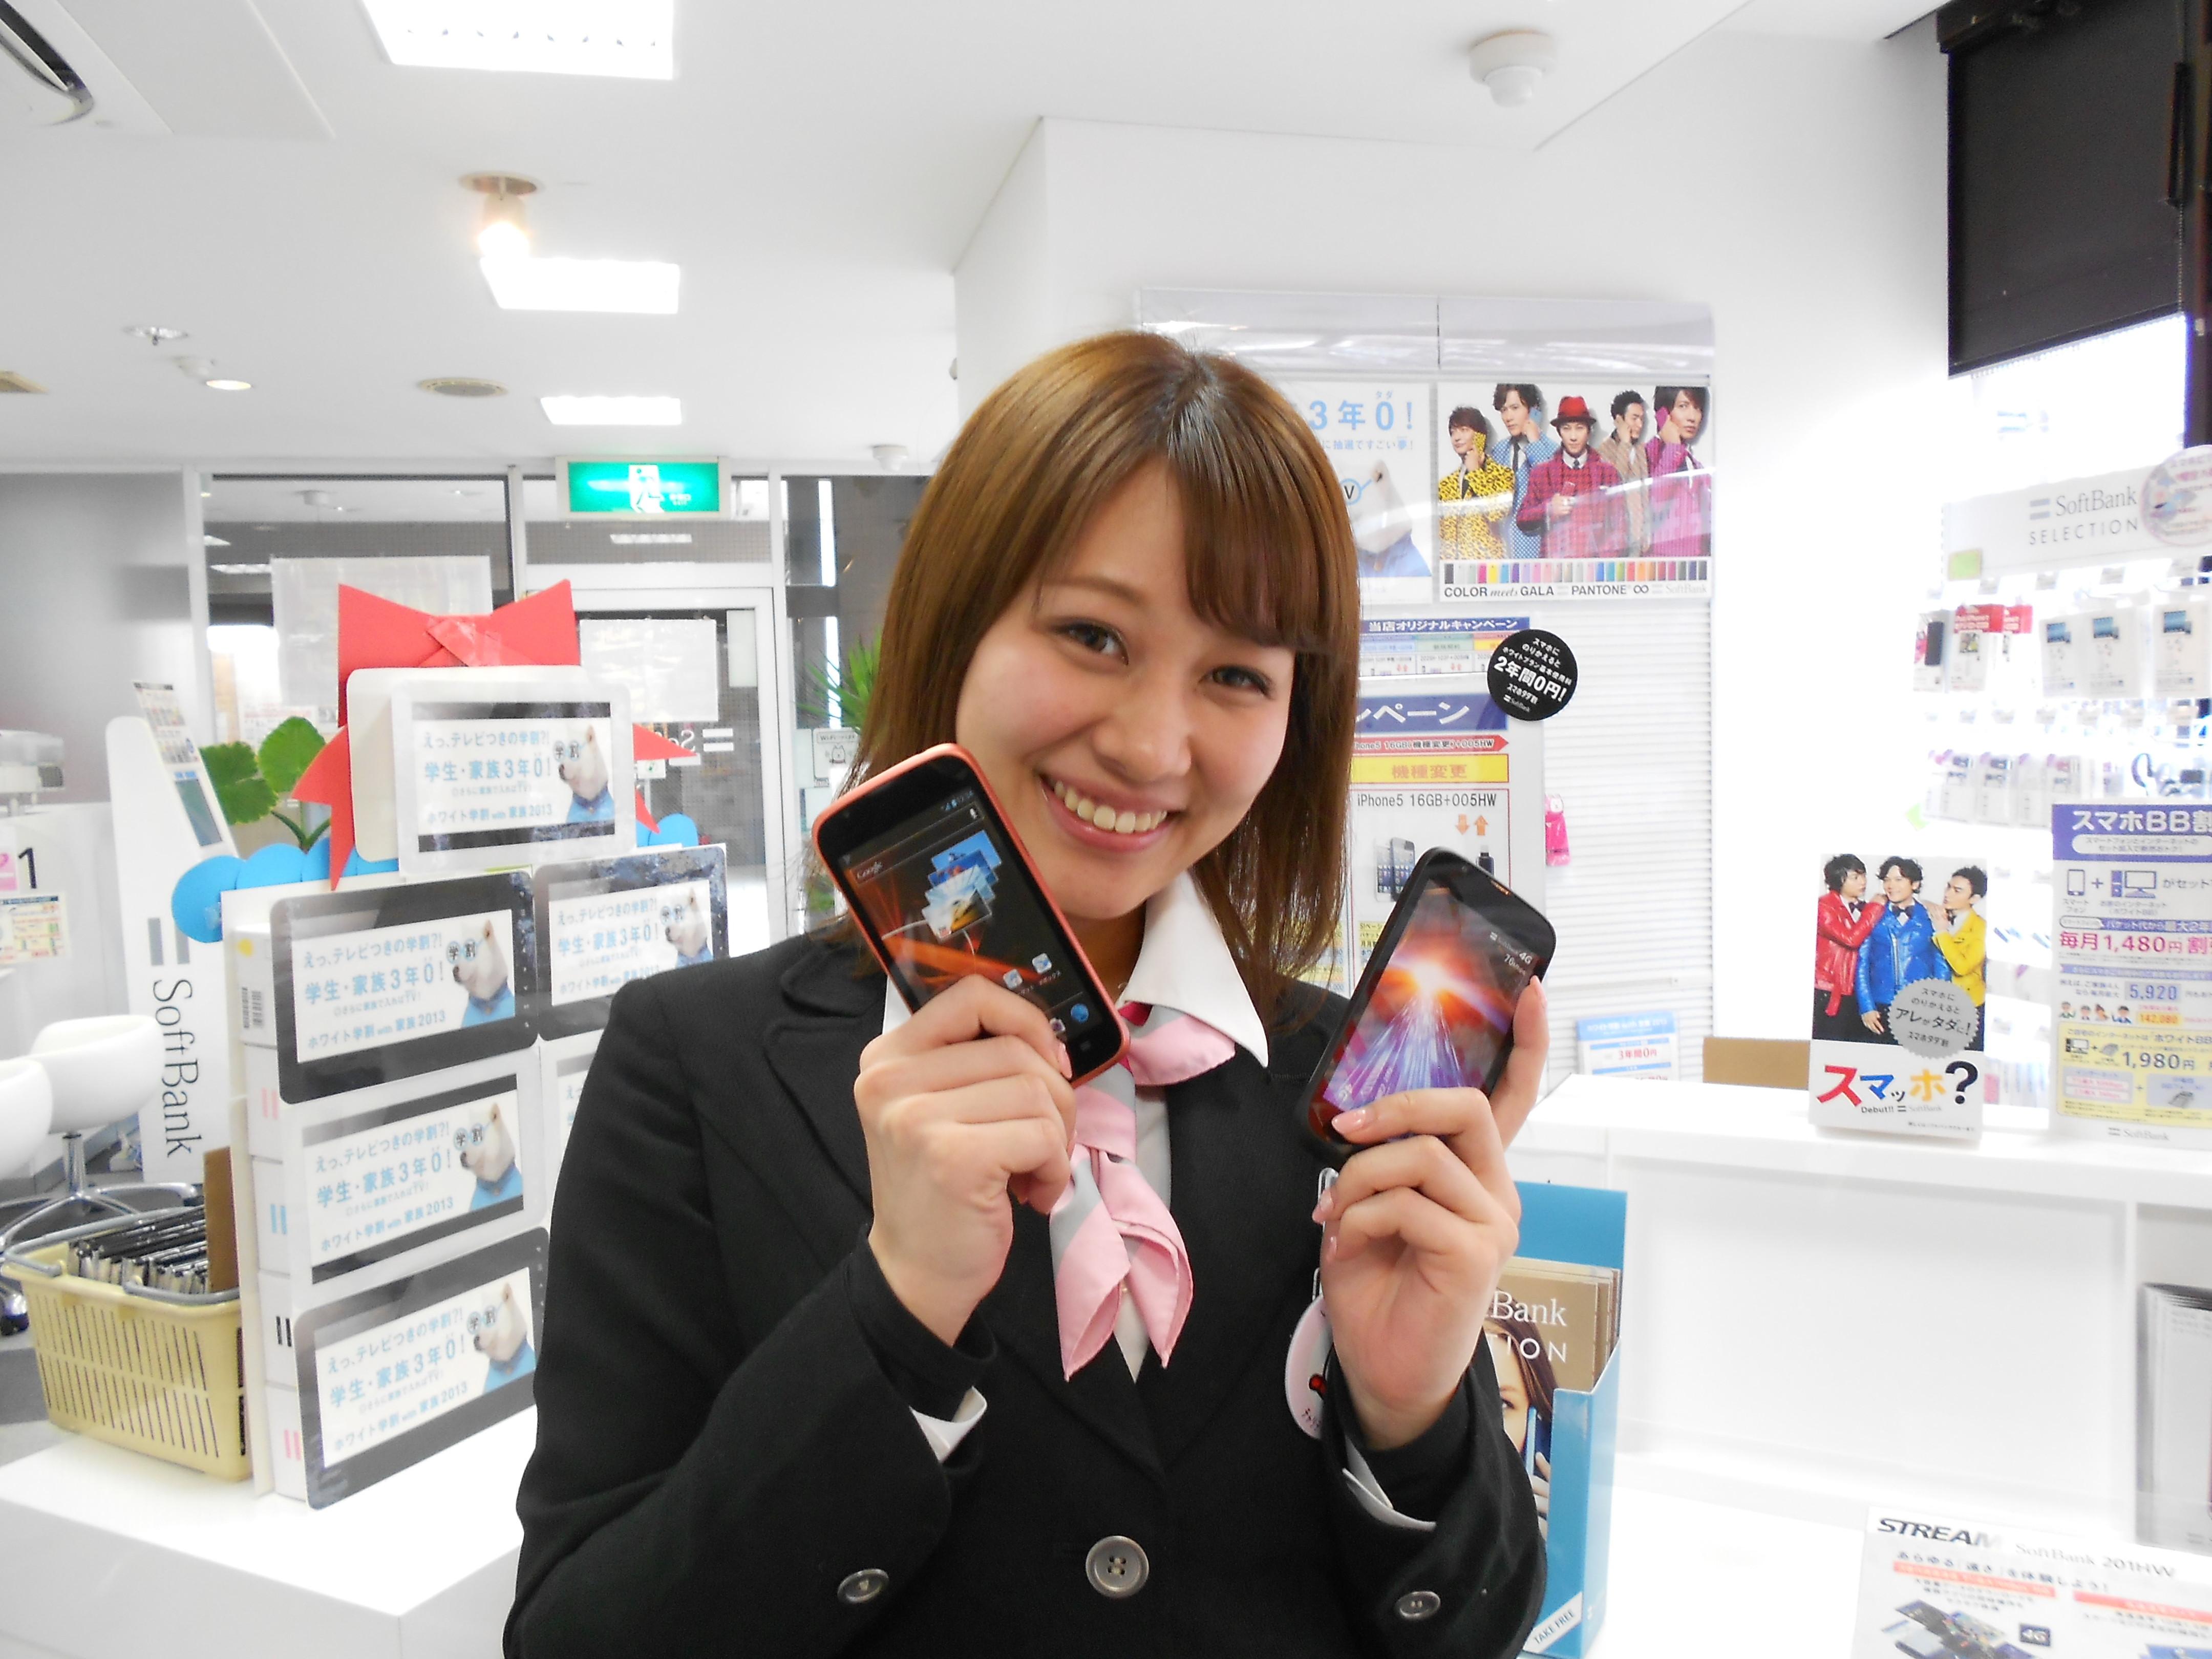 ワイモバイル 飯田アップルロード(株式会社シエロ)のアルバイト情報